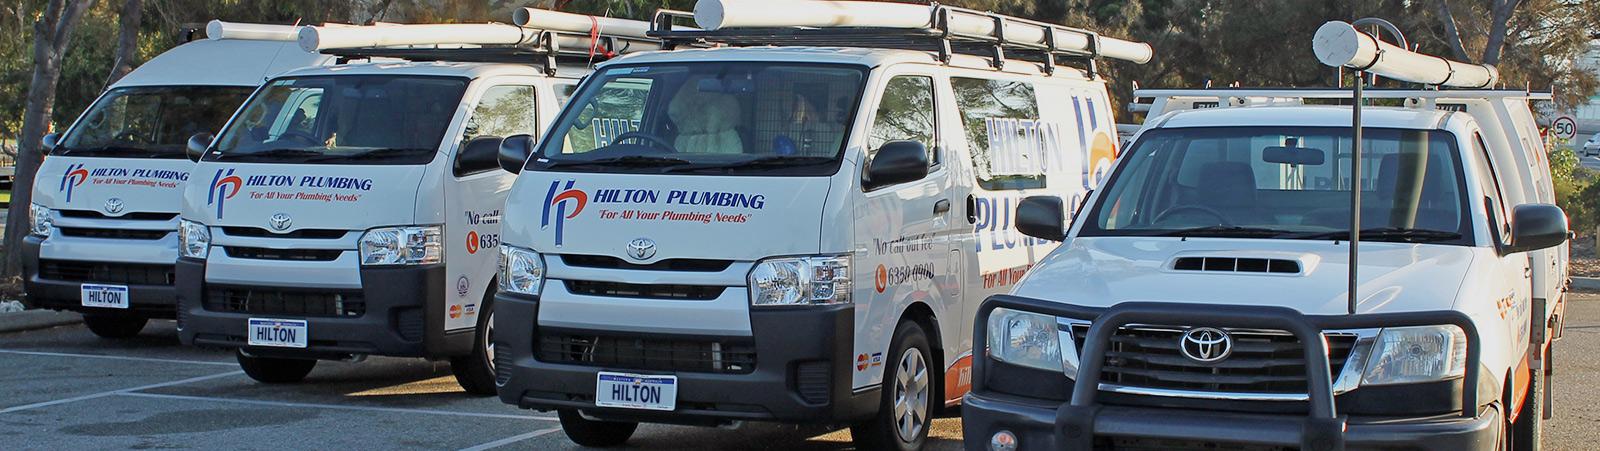 plumbing vans and truck